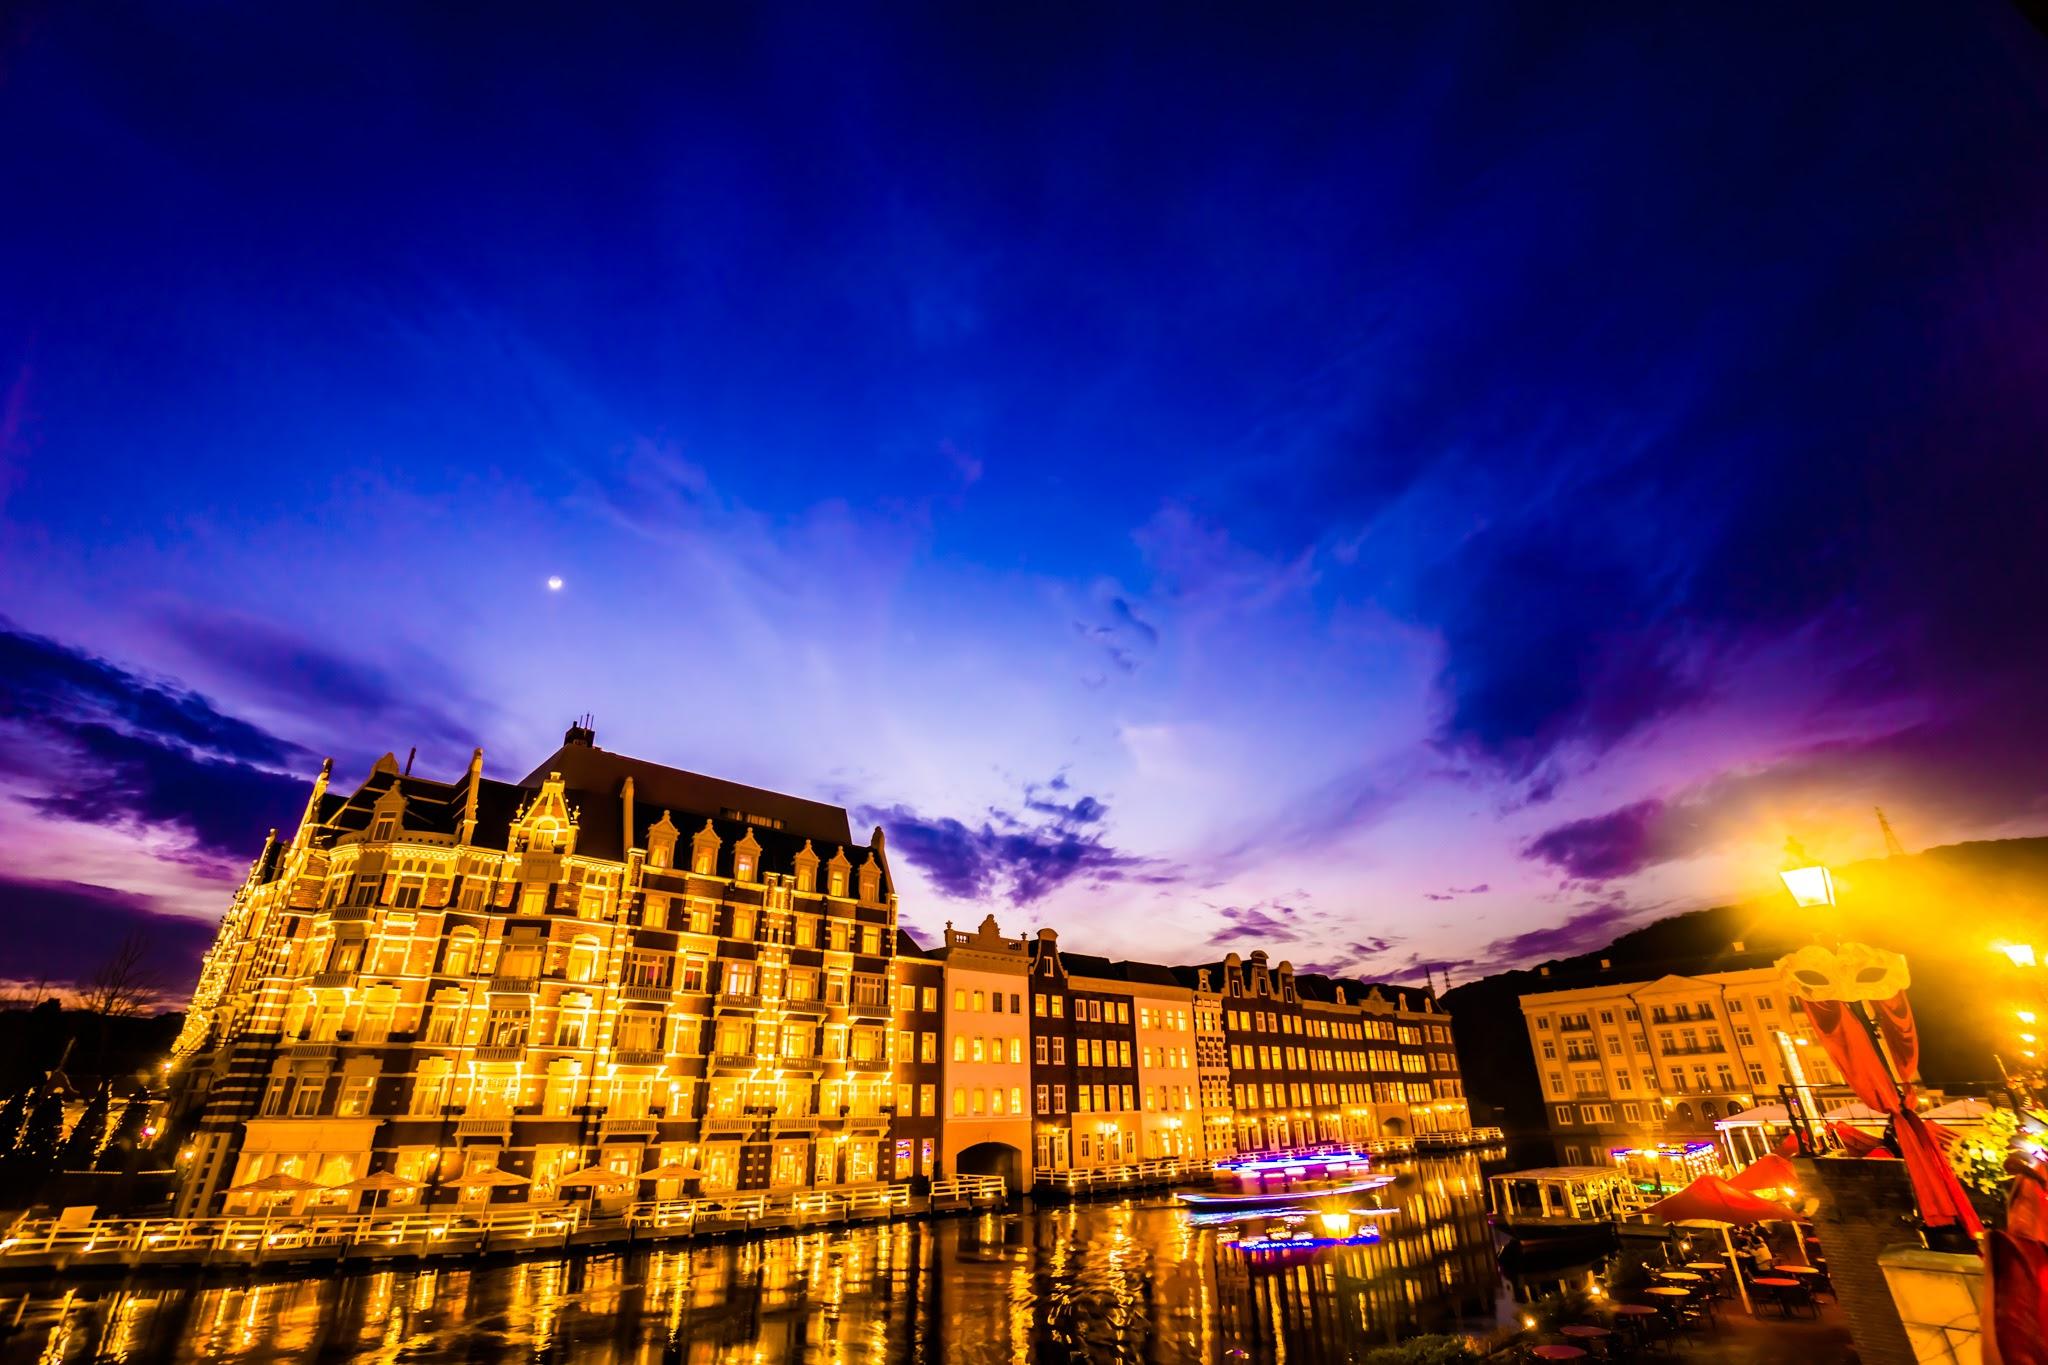 ハウステンボス イルミネーション 光の王国 ホテルヨーロッパ1